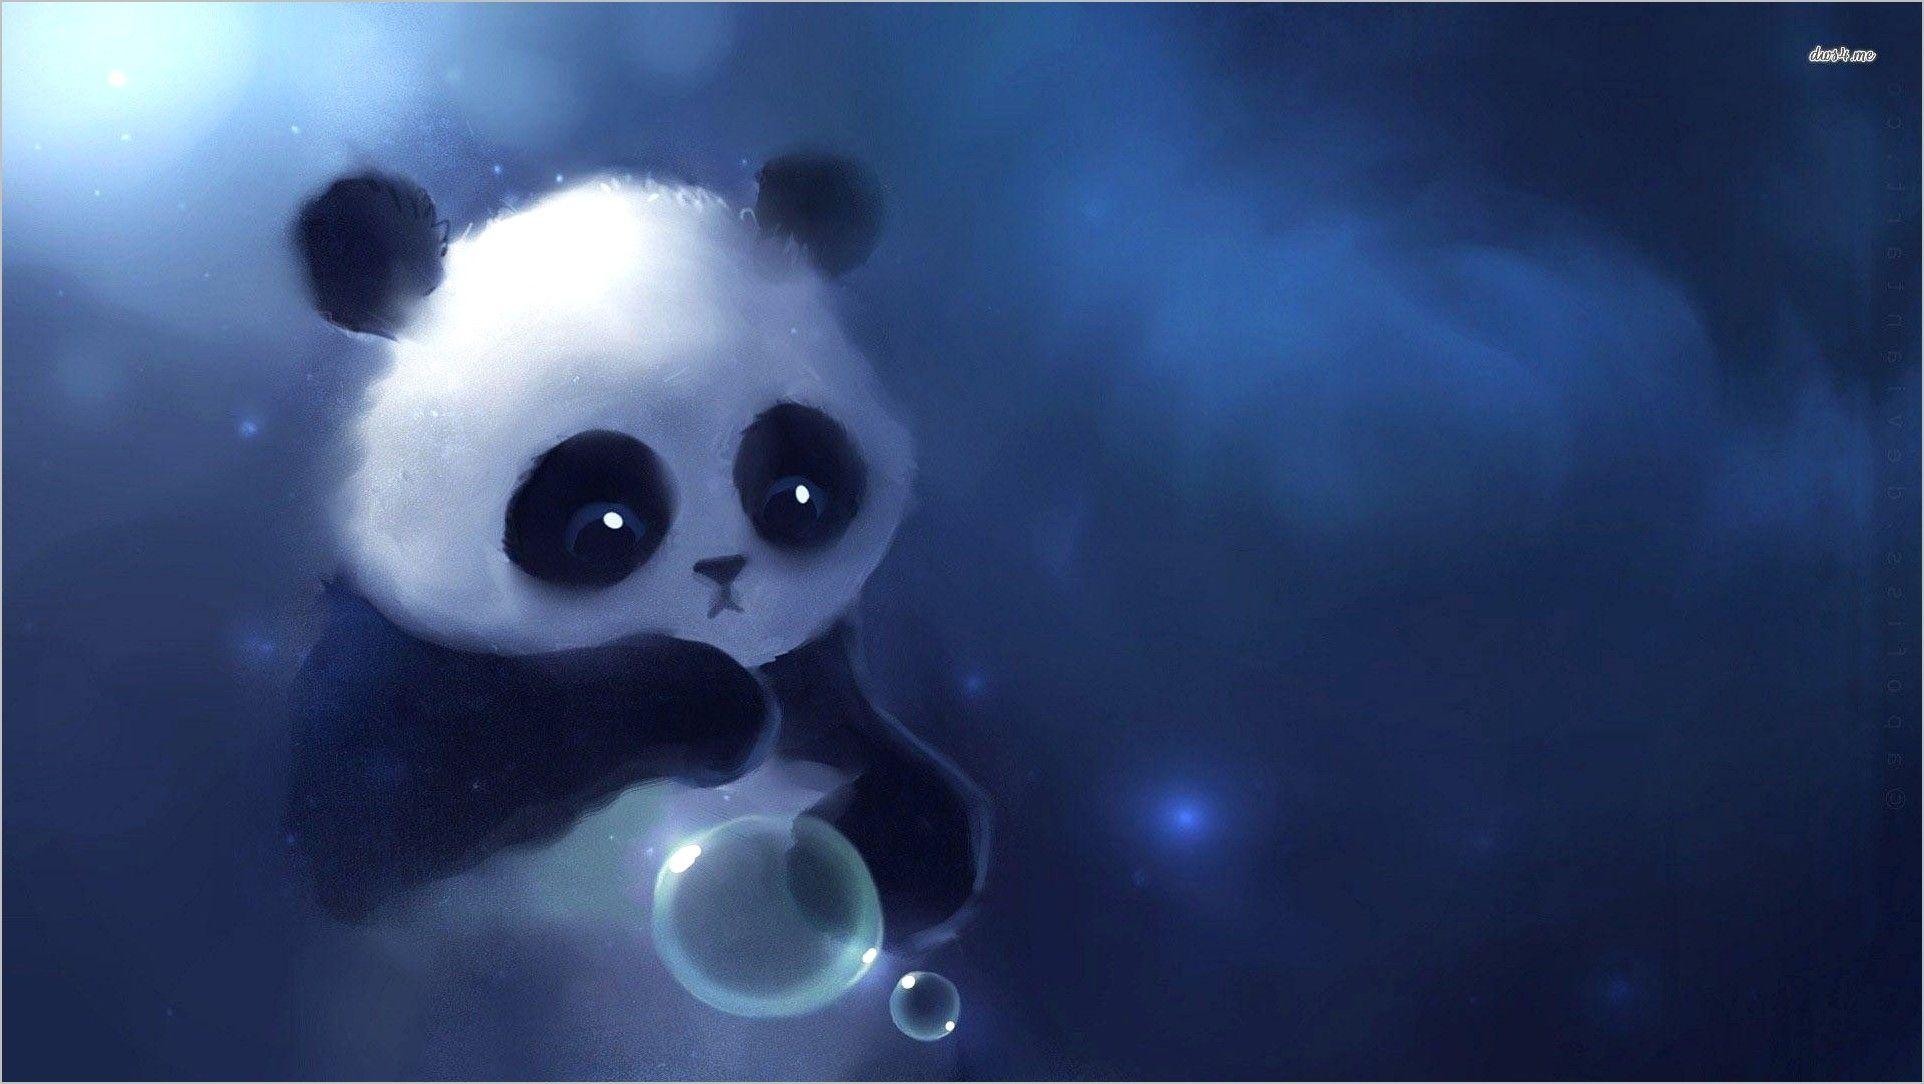 Animated Panda 4k Wallpaper Panda Wallpapers Cute Panda Wallpaper Cute Panda